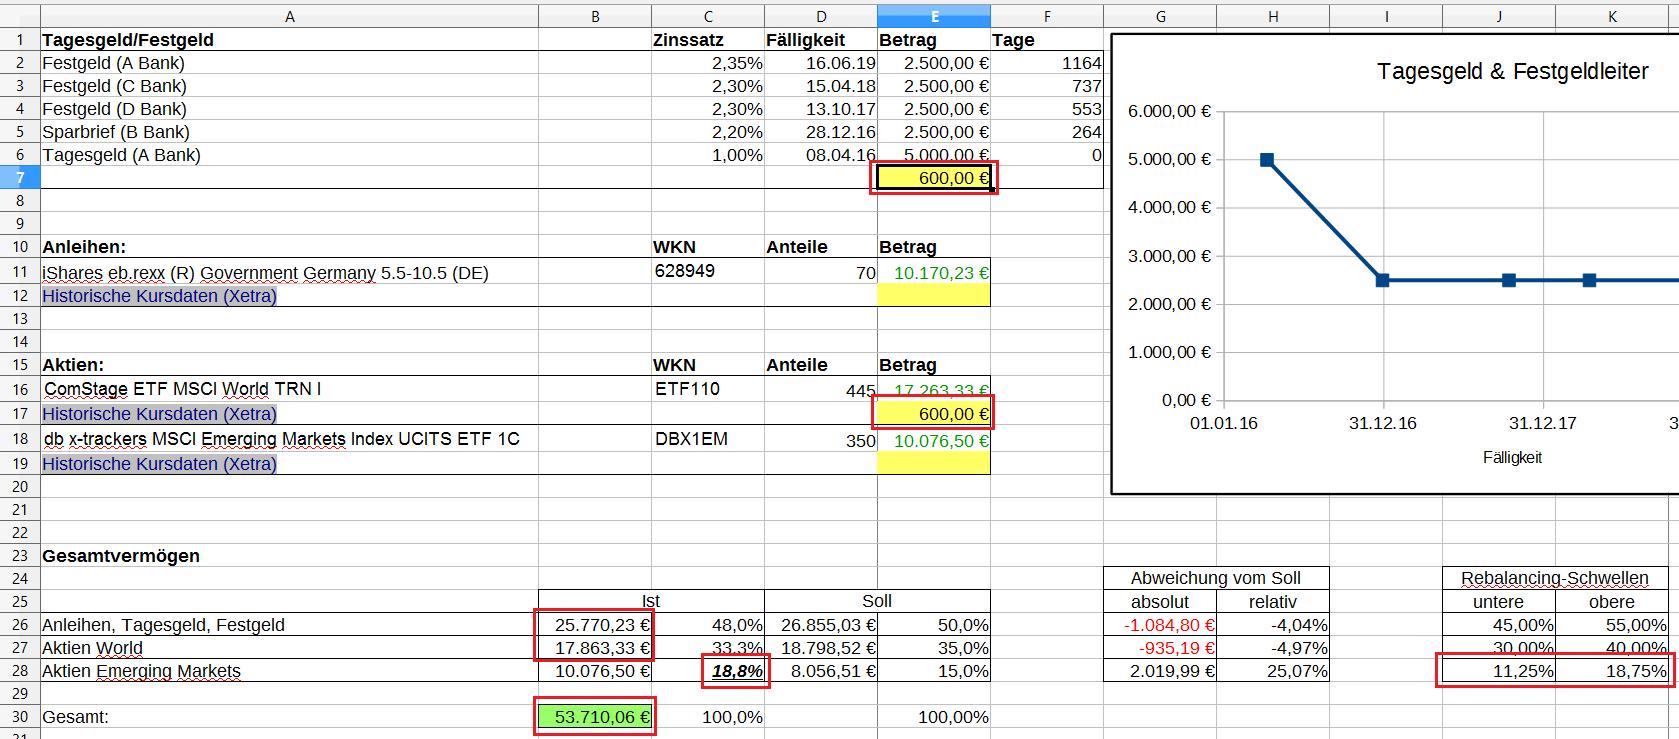 Finanzen Mit Excel Im Griff Teil 4 Das Finanzcockpit Vollversion Finanzwesir